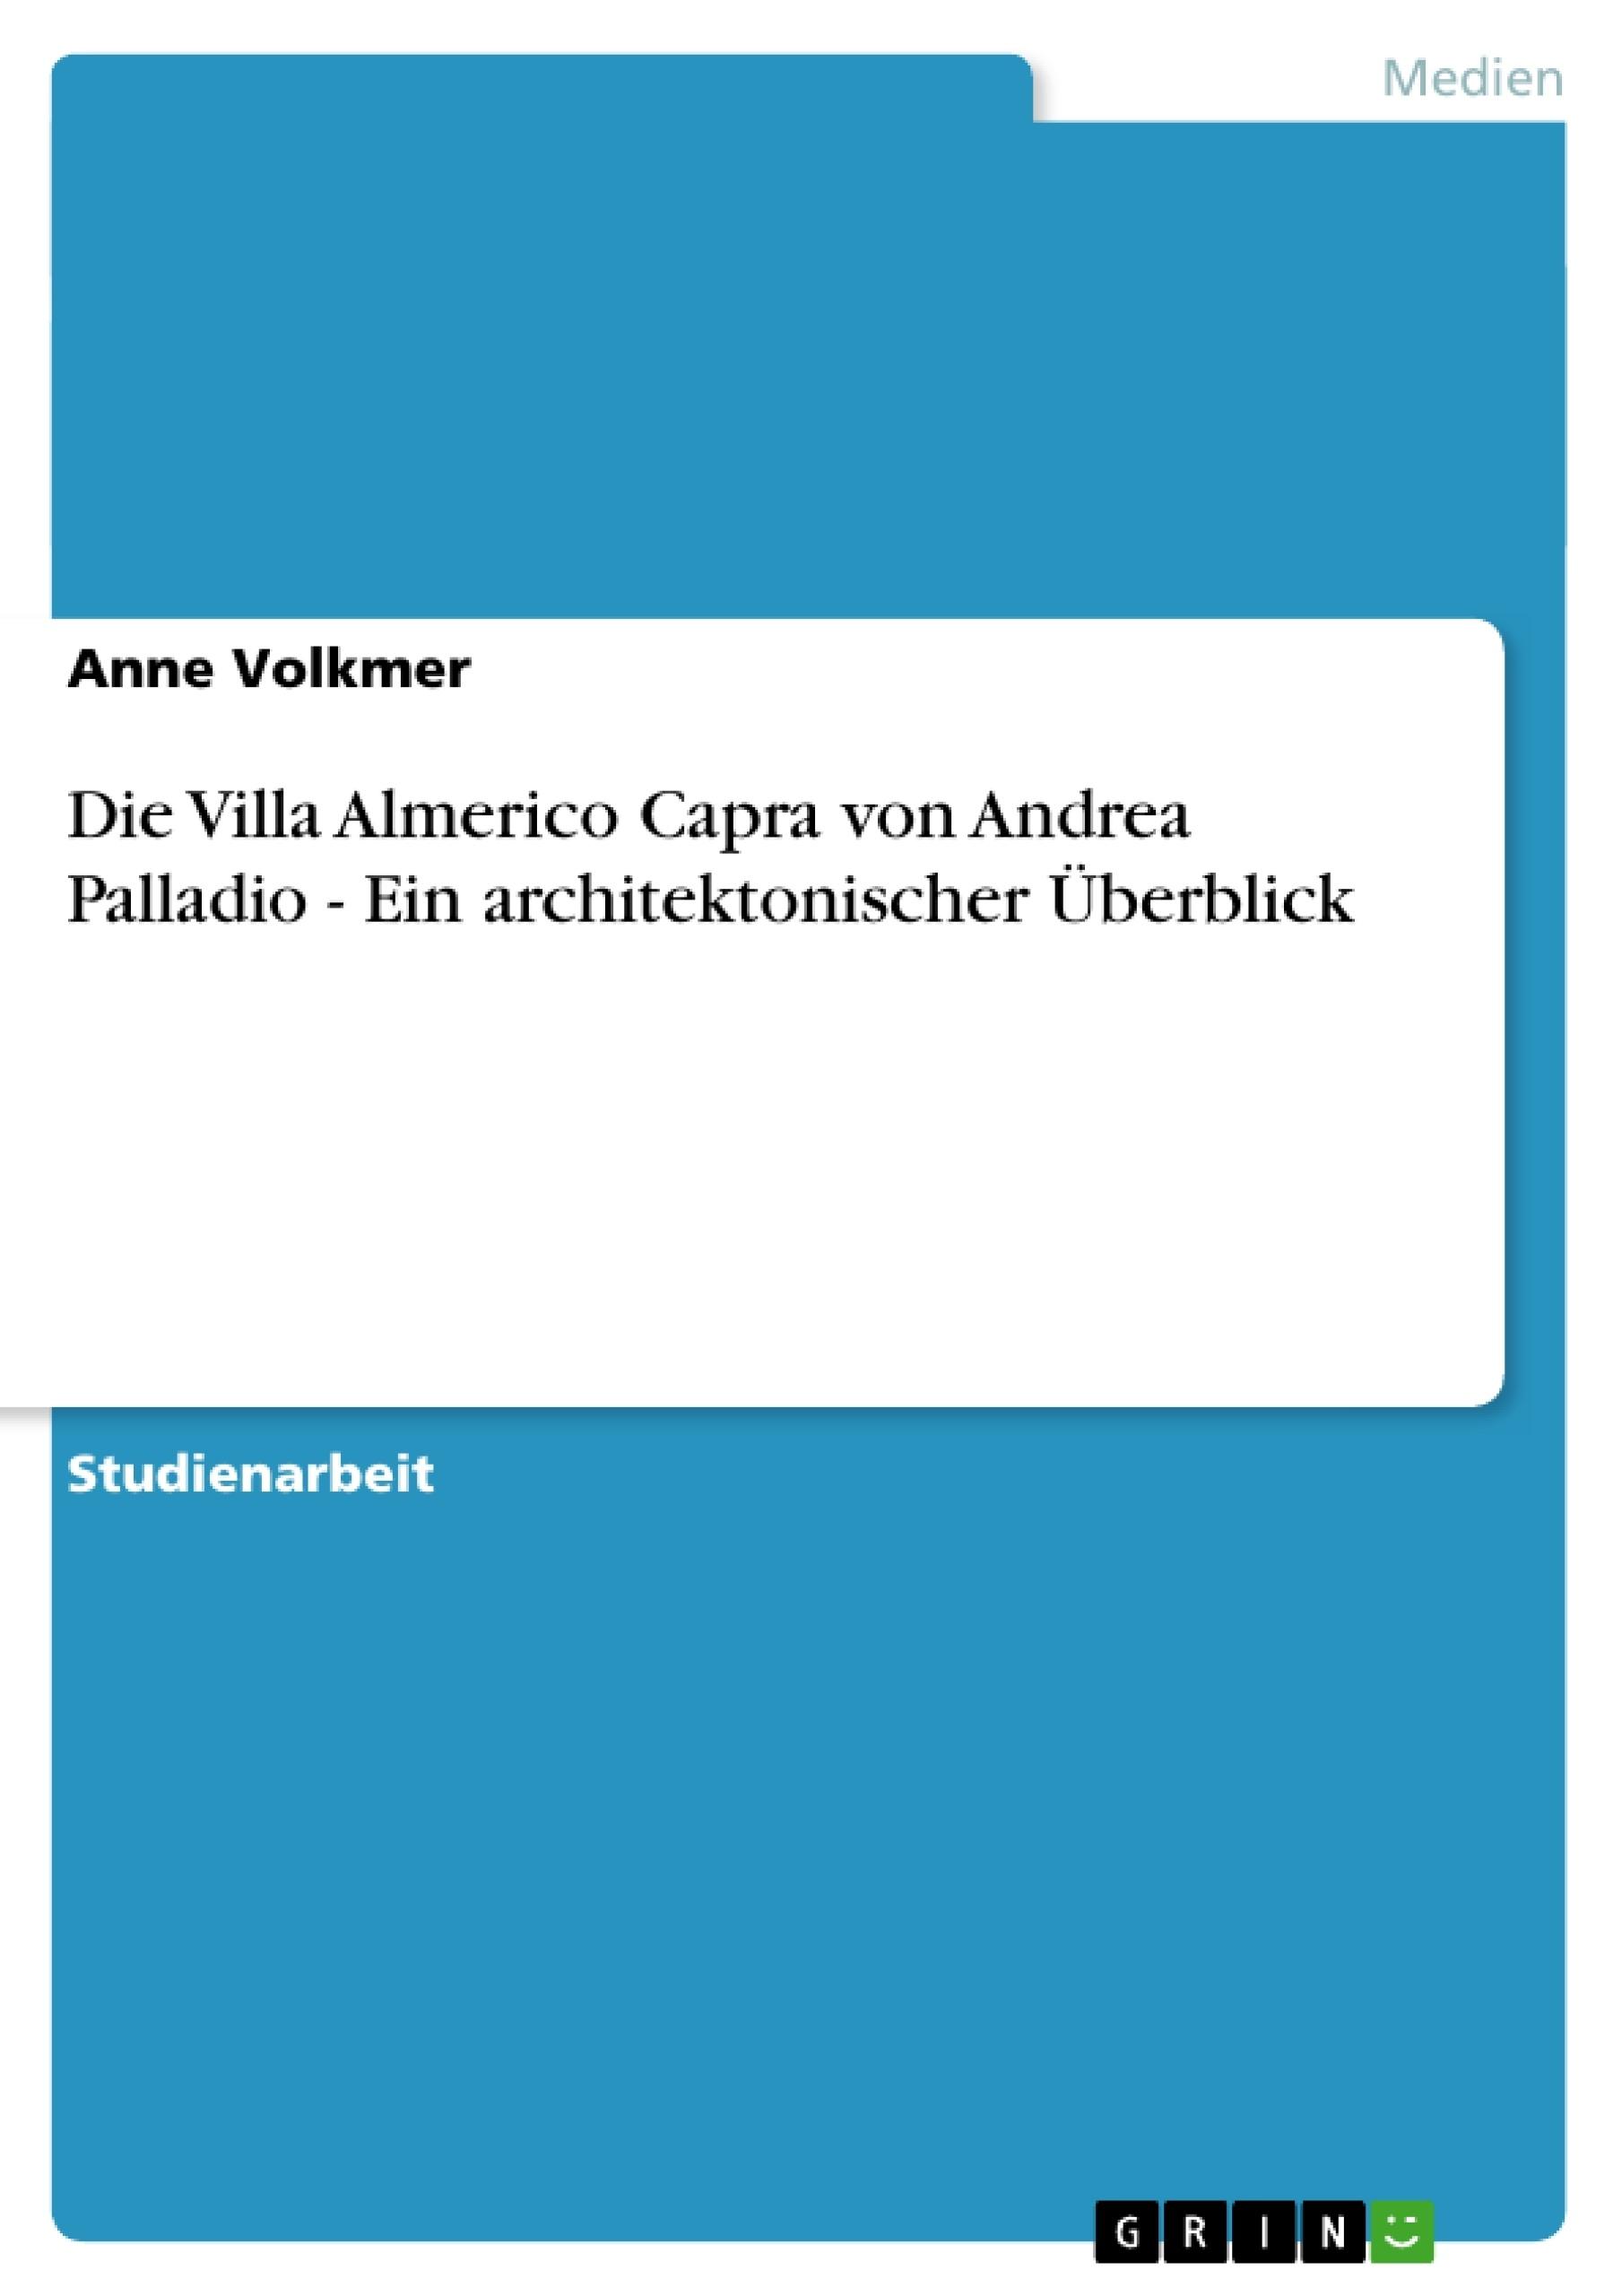 Titel: Die Villa Almerico Capra von Andrea Palladio - Ein architektonischer Überblick